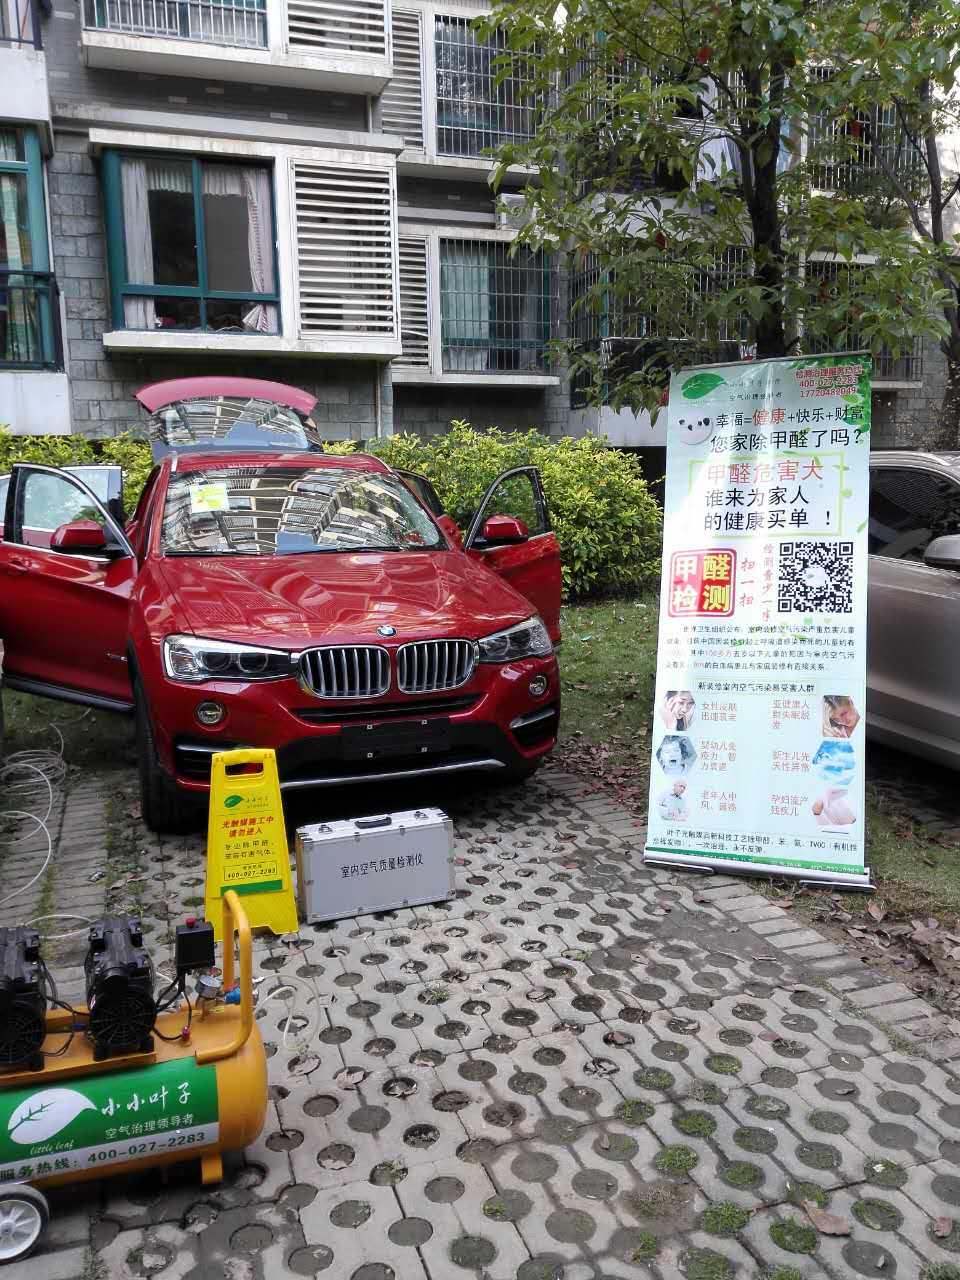 想找高效的新车除甲醛当选小小叶子环保-新车祛甲醛费用